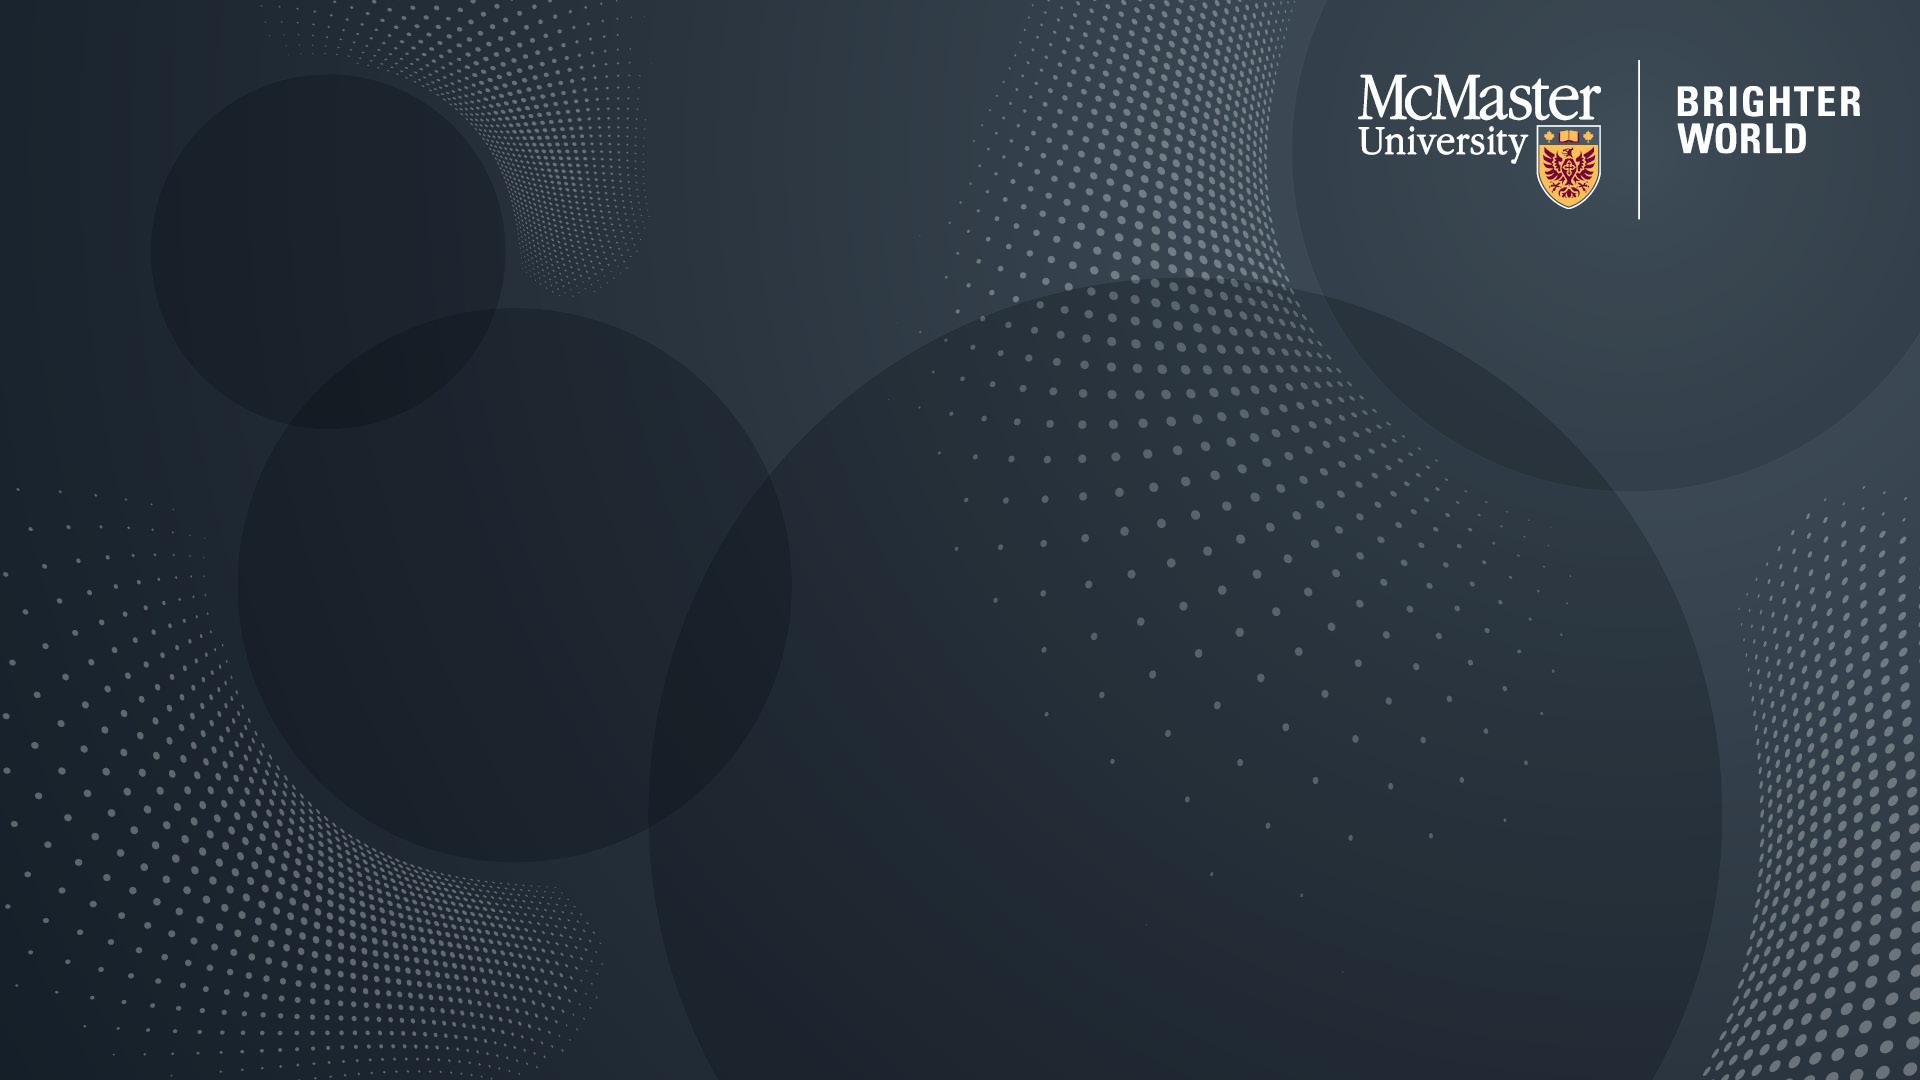 Black on Black McMaster Branded Zoom Background